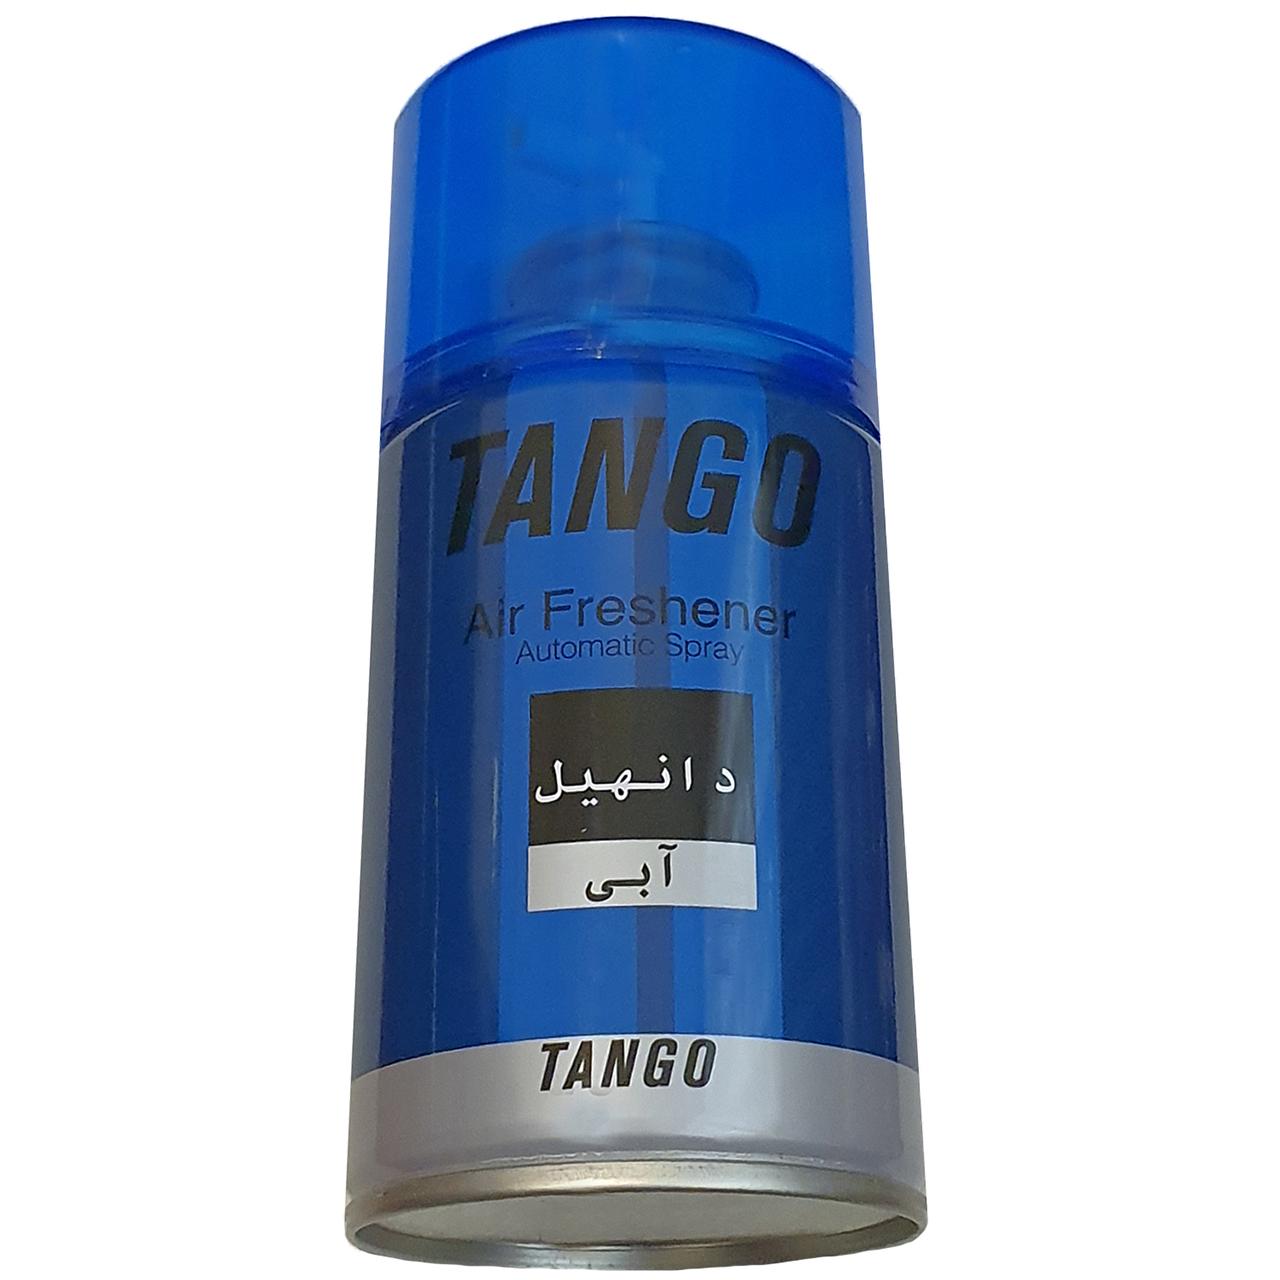 اسپری خوشبو کننده هوا تانگو مدل دانهیل حجم 250 میلی لیتر